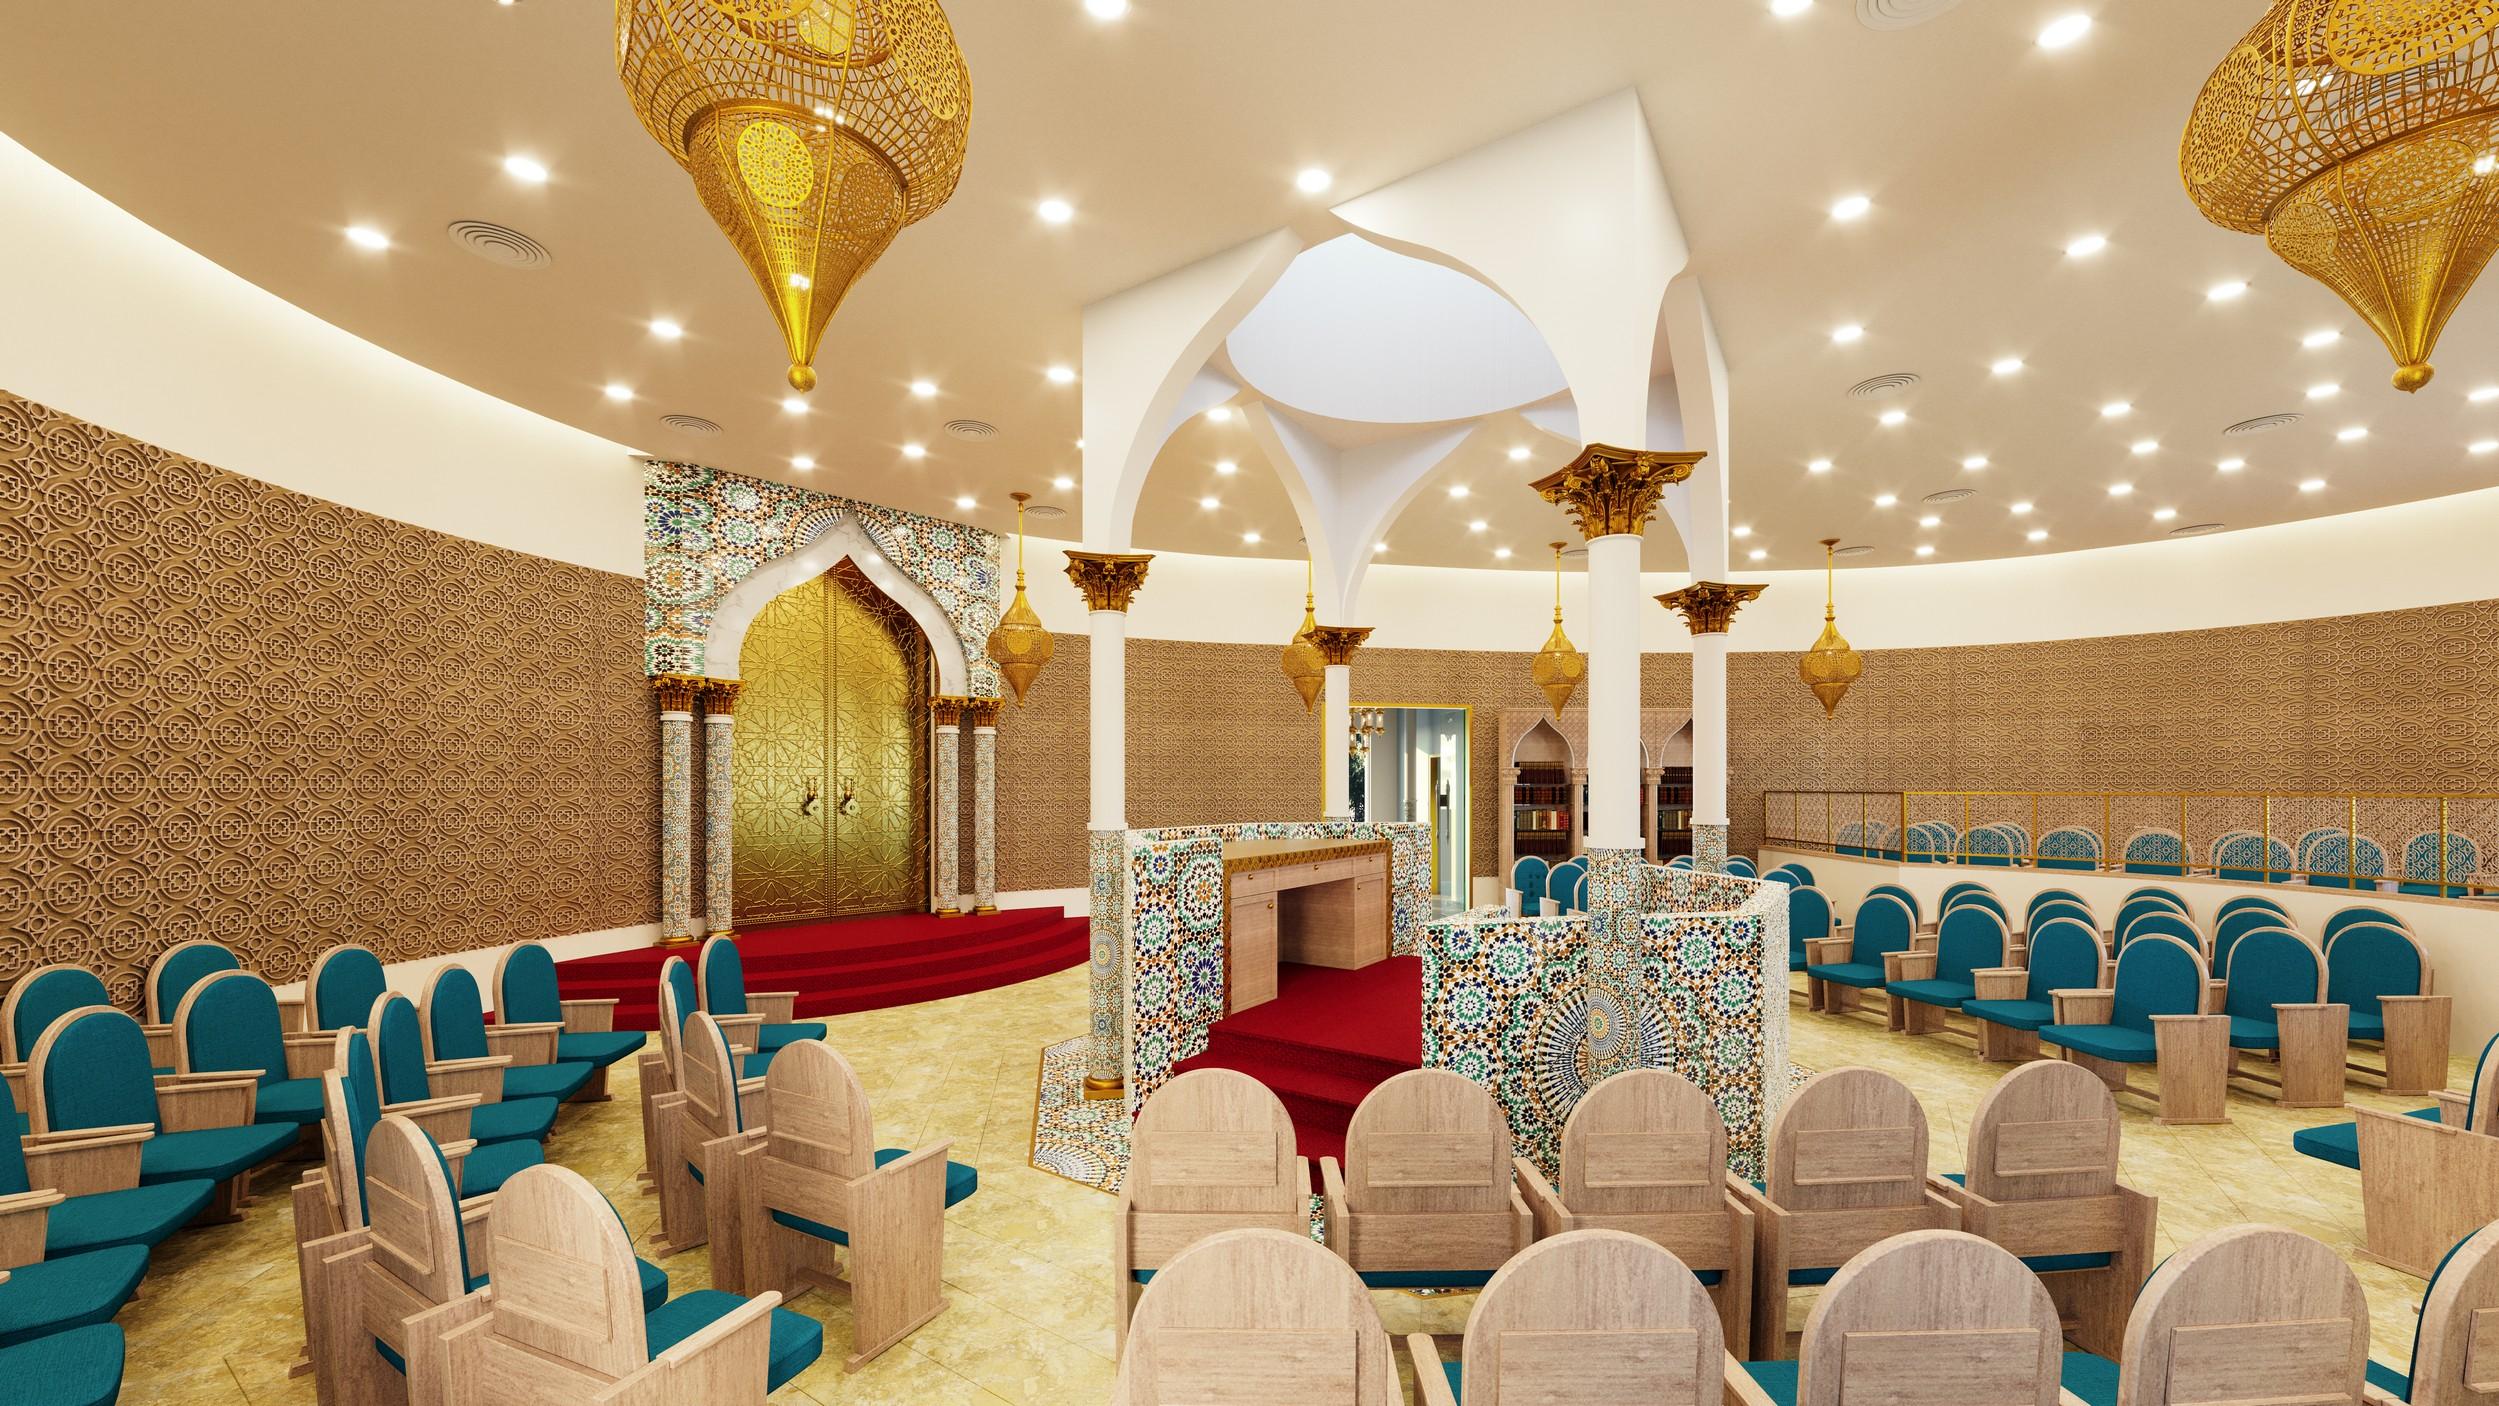 בית כנסת מרקש בעפולה - ריקי גרוזמן - בית כנסת בית מדרש, ארון קודש בעיצוב מרוקו מרקש